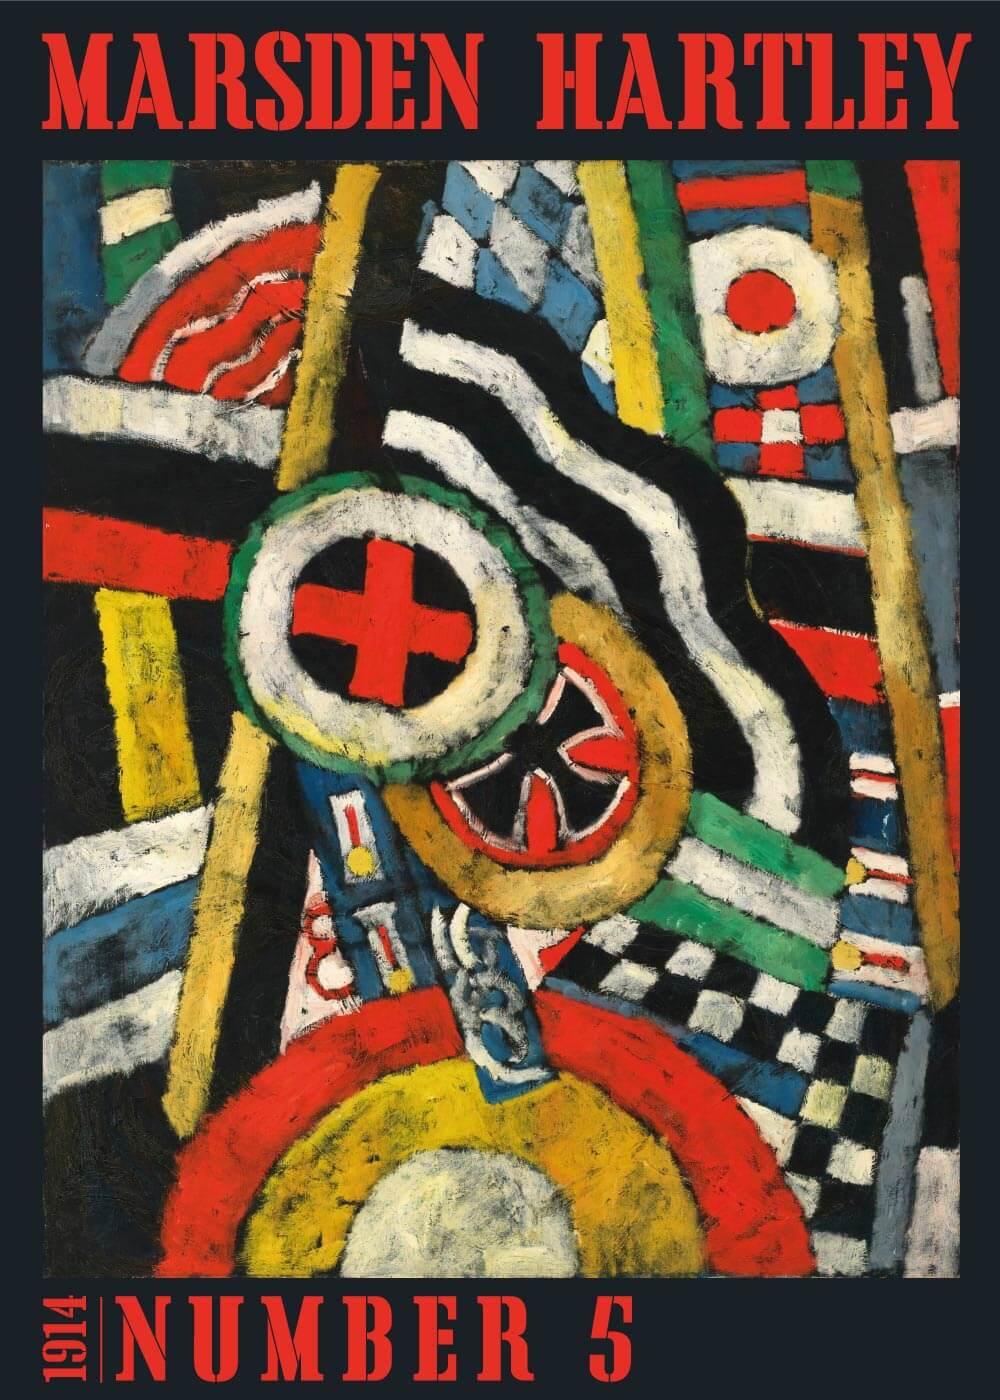 Billede af Painting no. 5 - Marsden Hartley